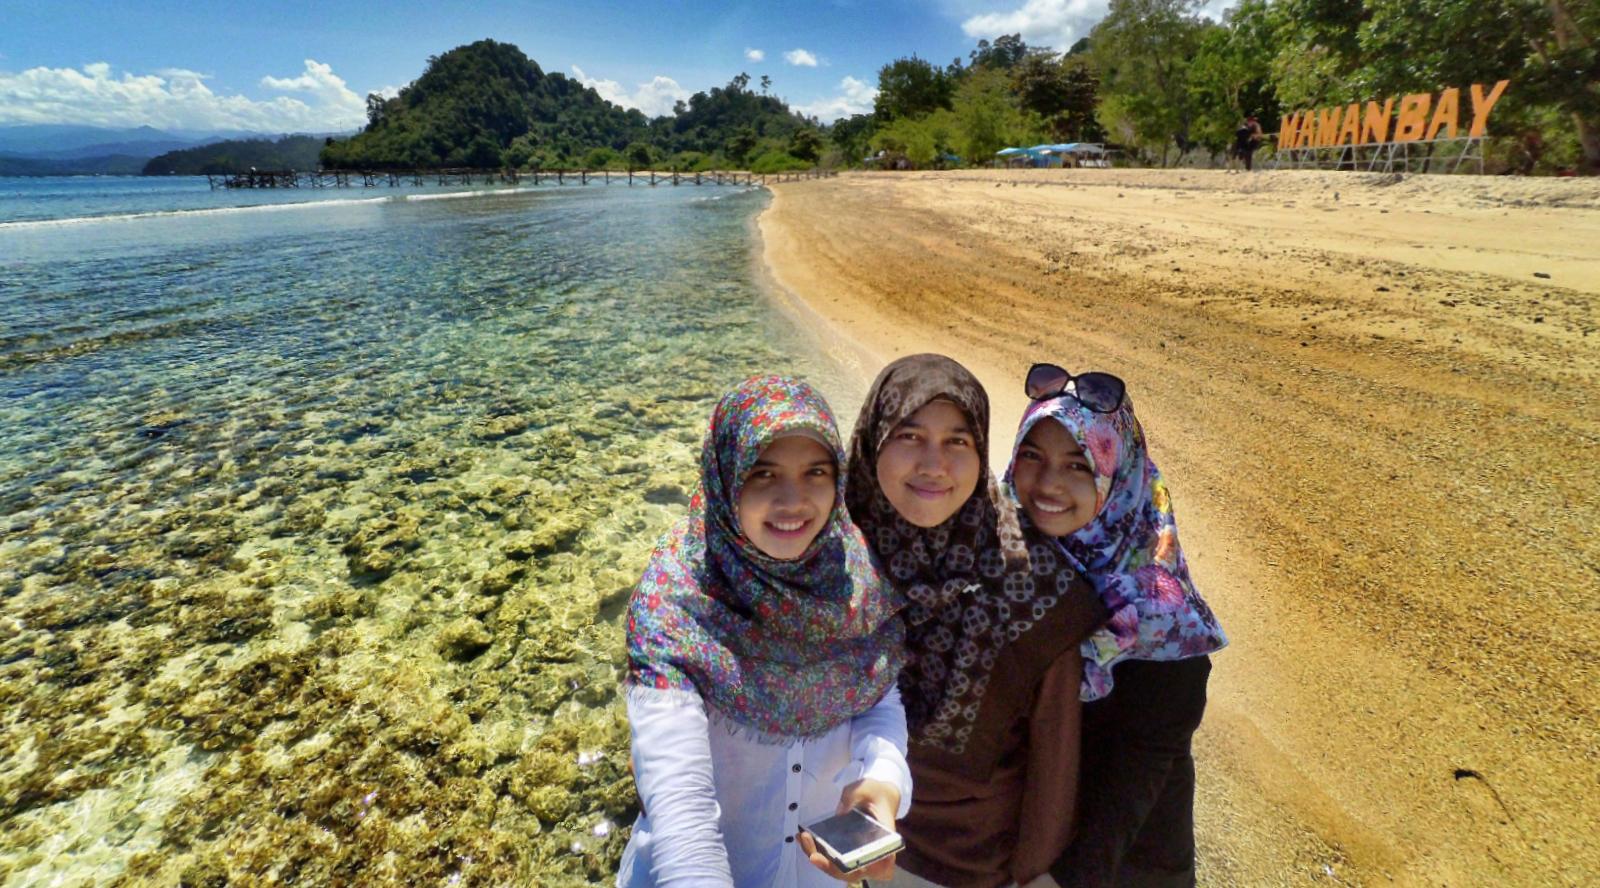 Pantai Painan 5 wisata budaya di indonesia cewek cantik dan manis ini suka sekali manis sekali